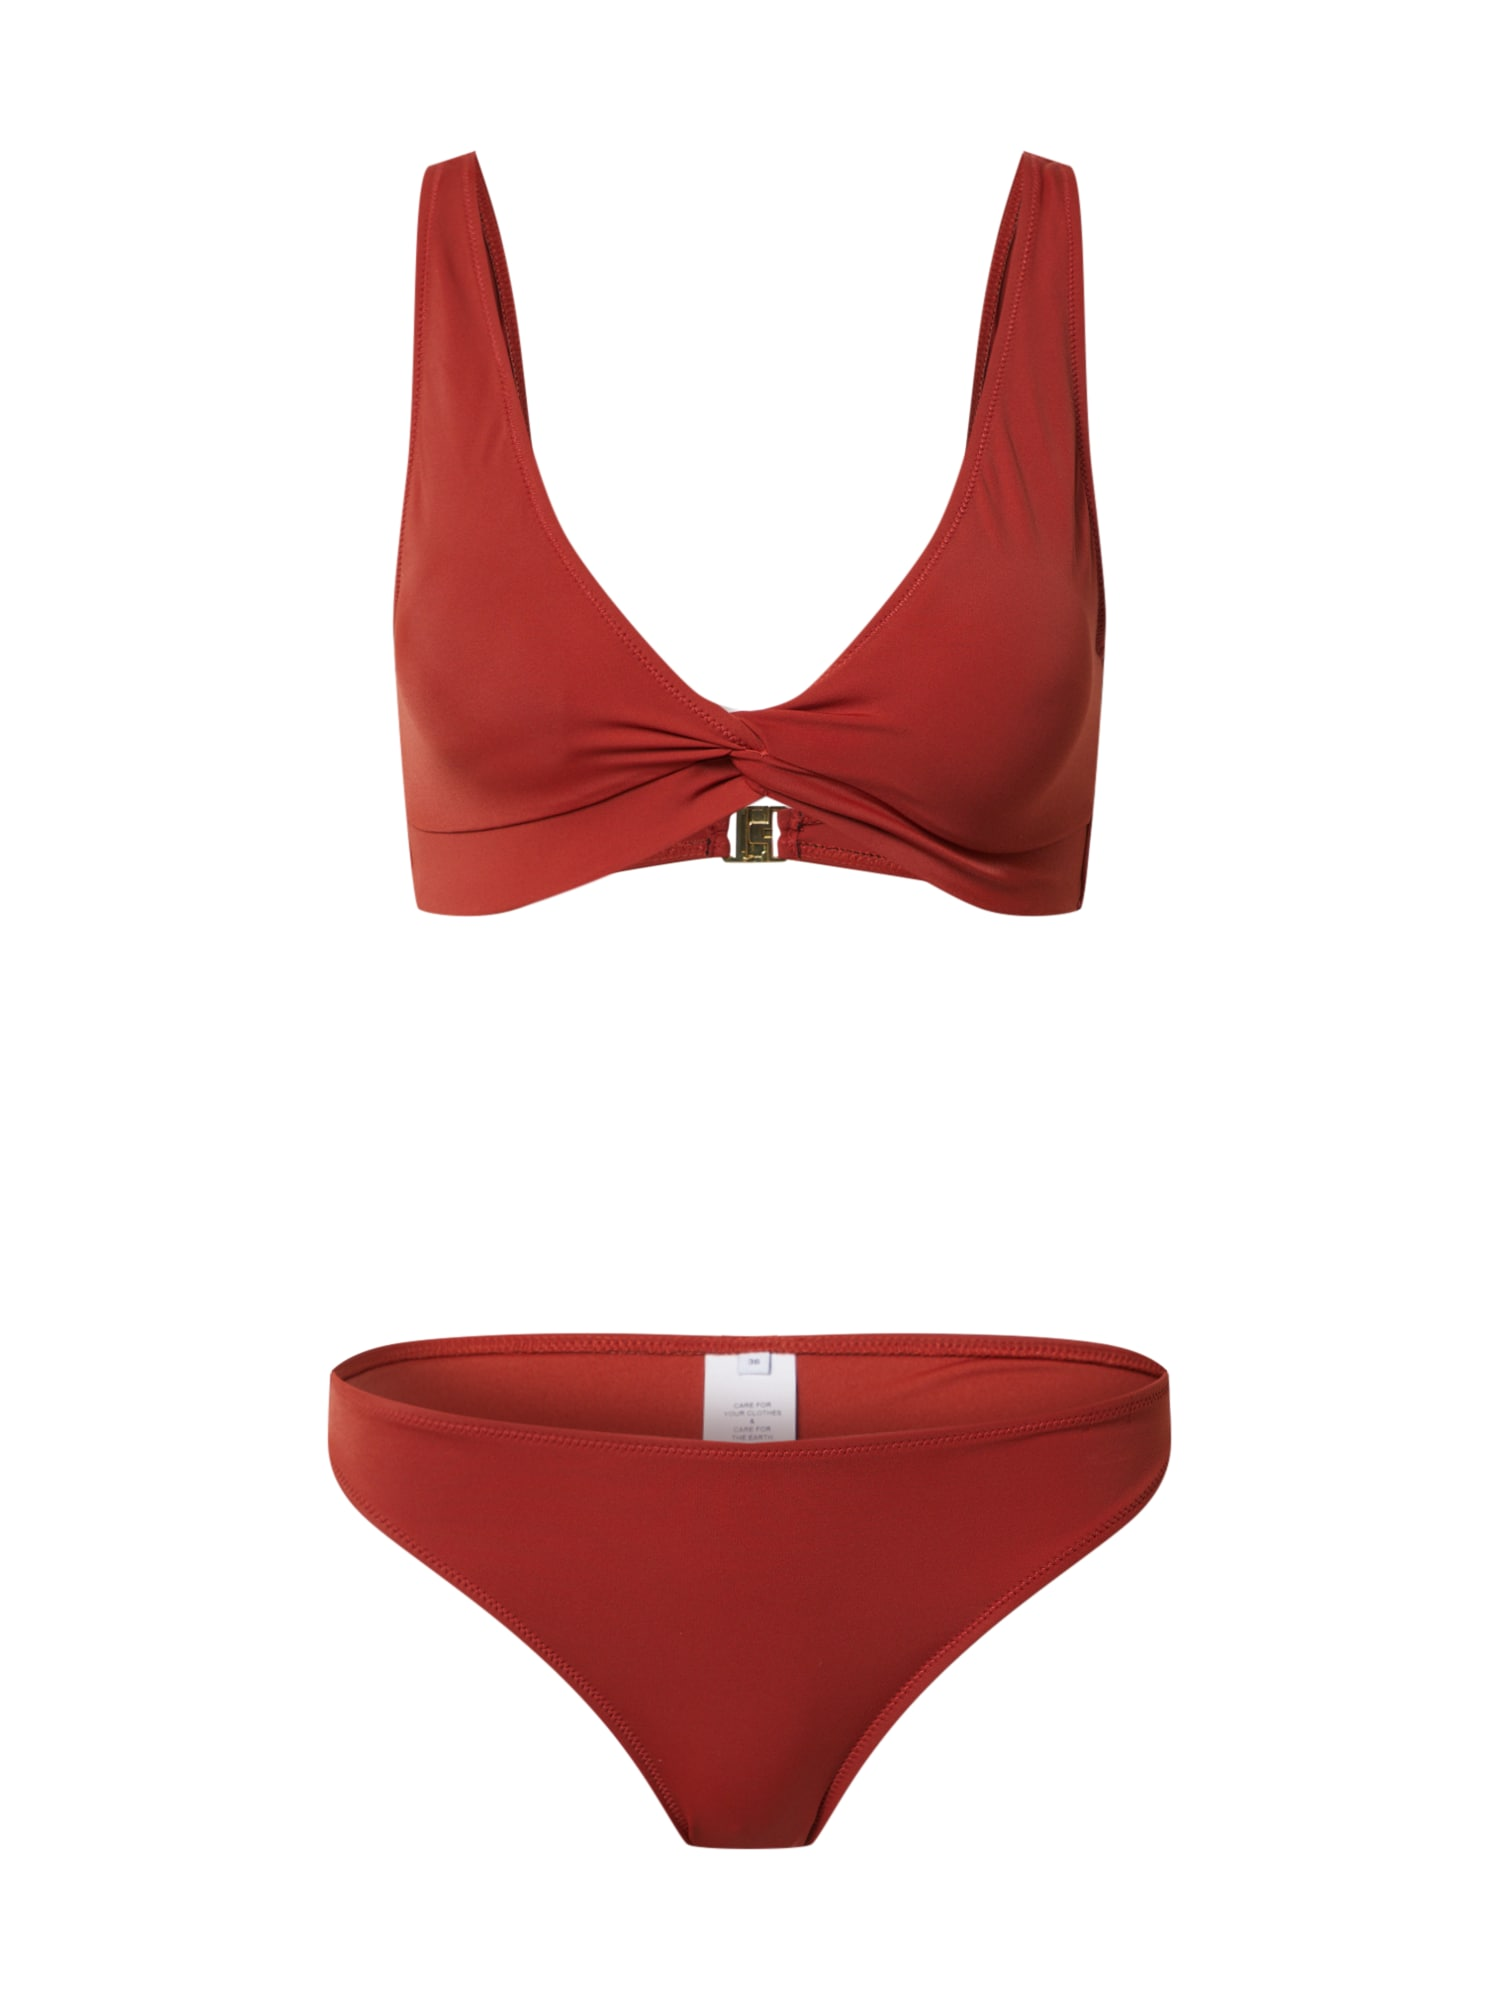 ABOUT YOU Bikinis 'Lusan' rūdžių raudona